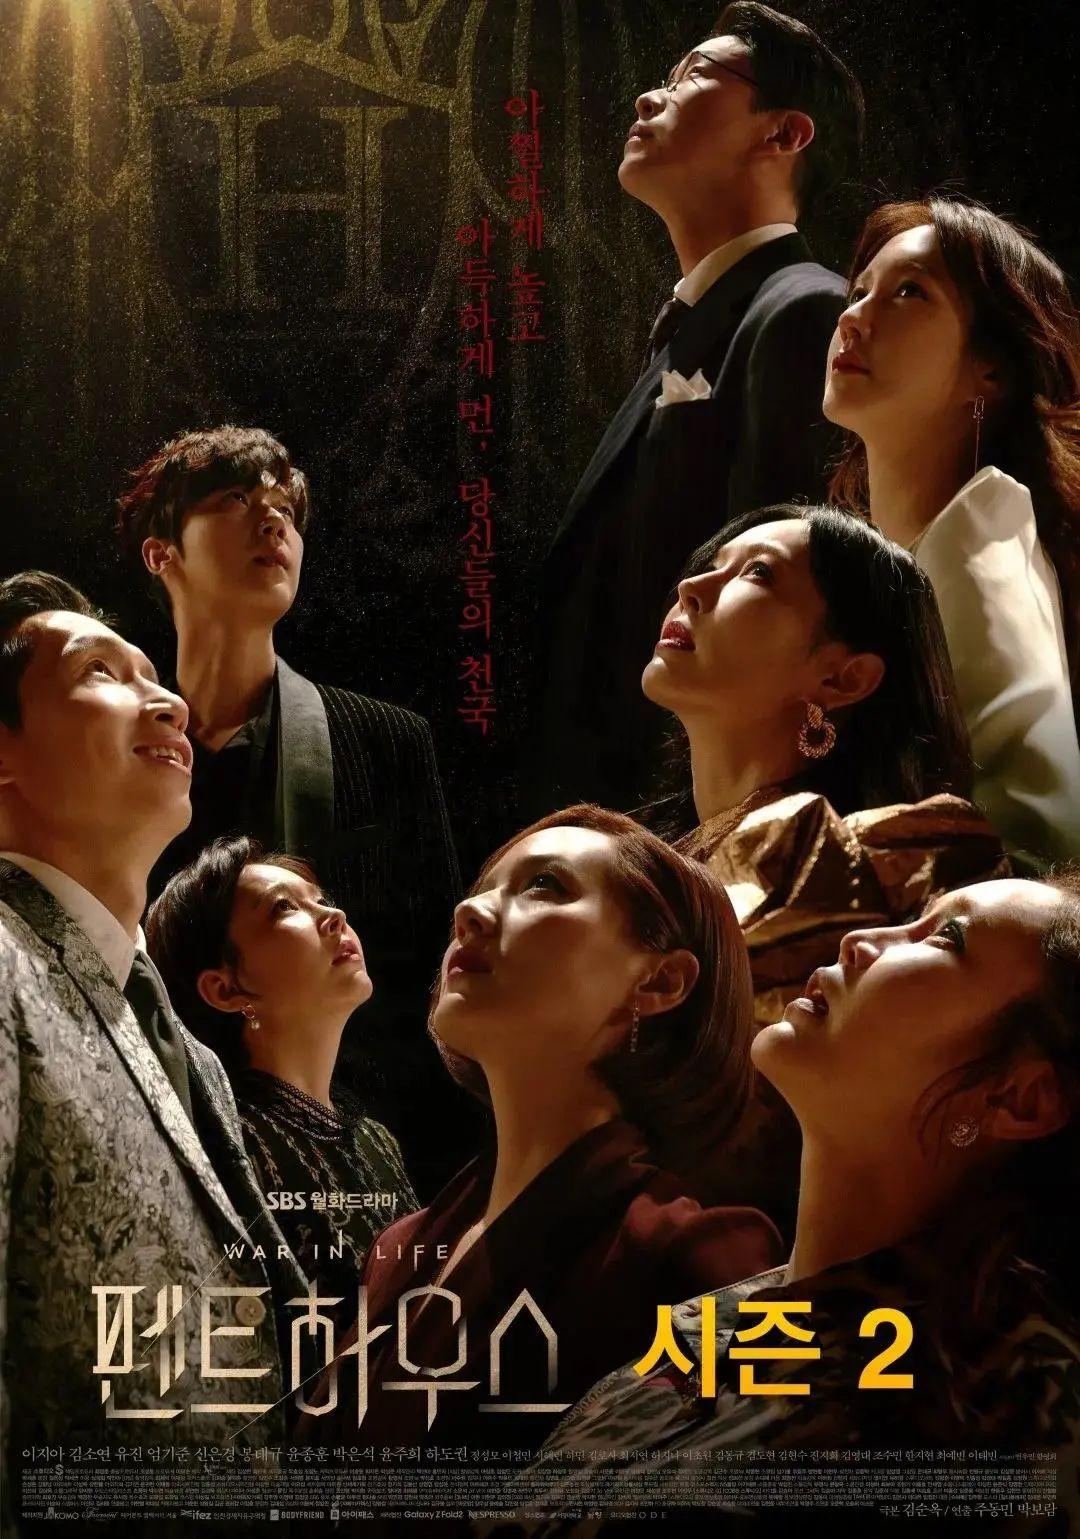 2021[韩国/剧情][顶楼 第二季/The Penthouse : War in life 2]第二季全集 百度云高清下载图片 第1张